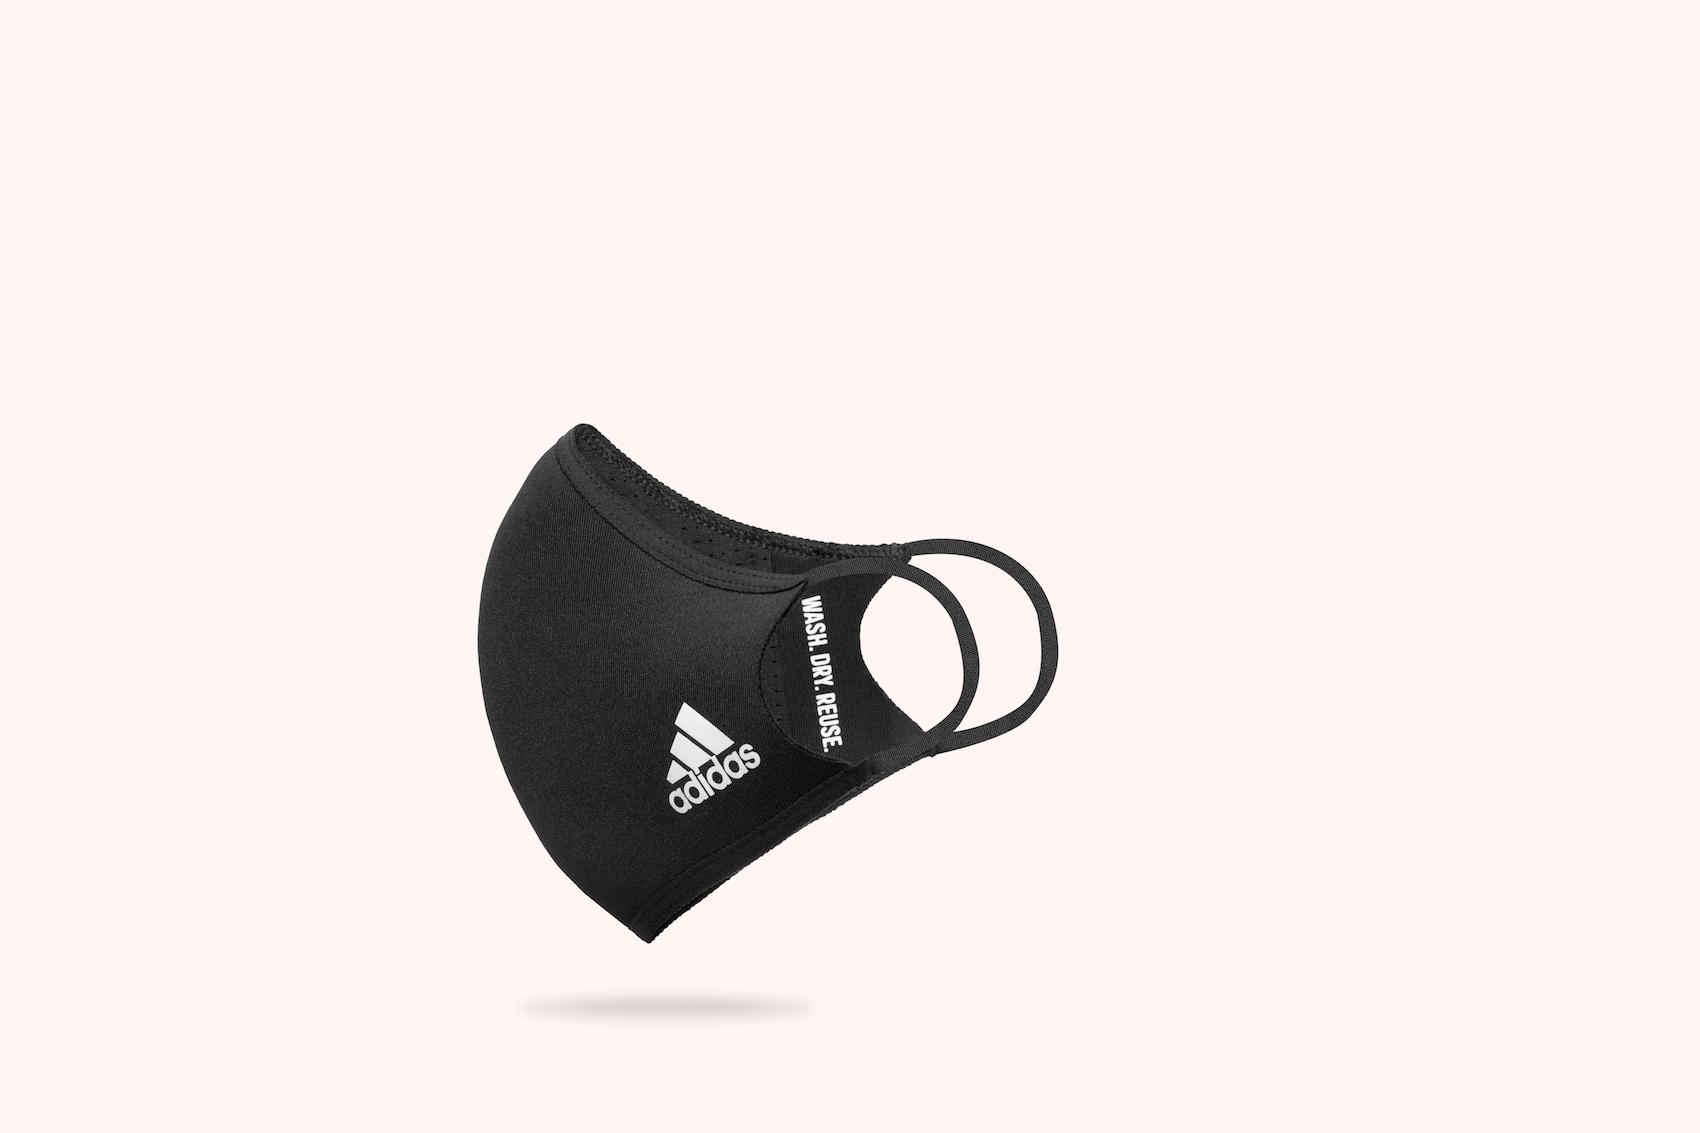 mundschutzmaske von adidas gegen Corona